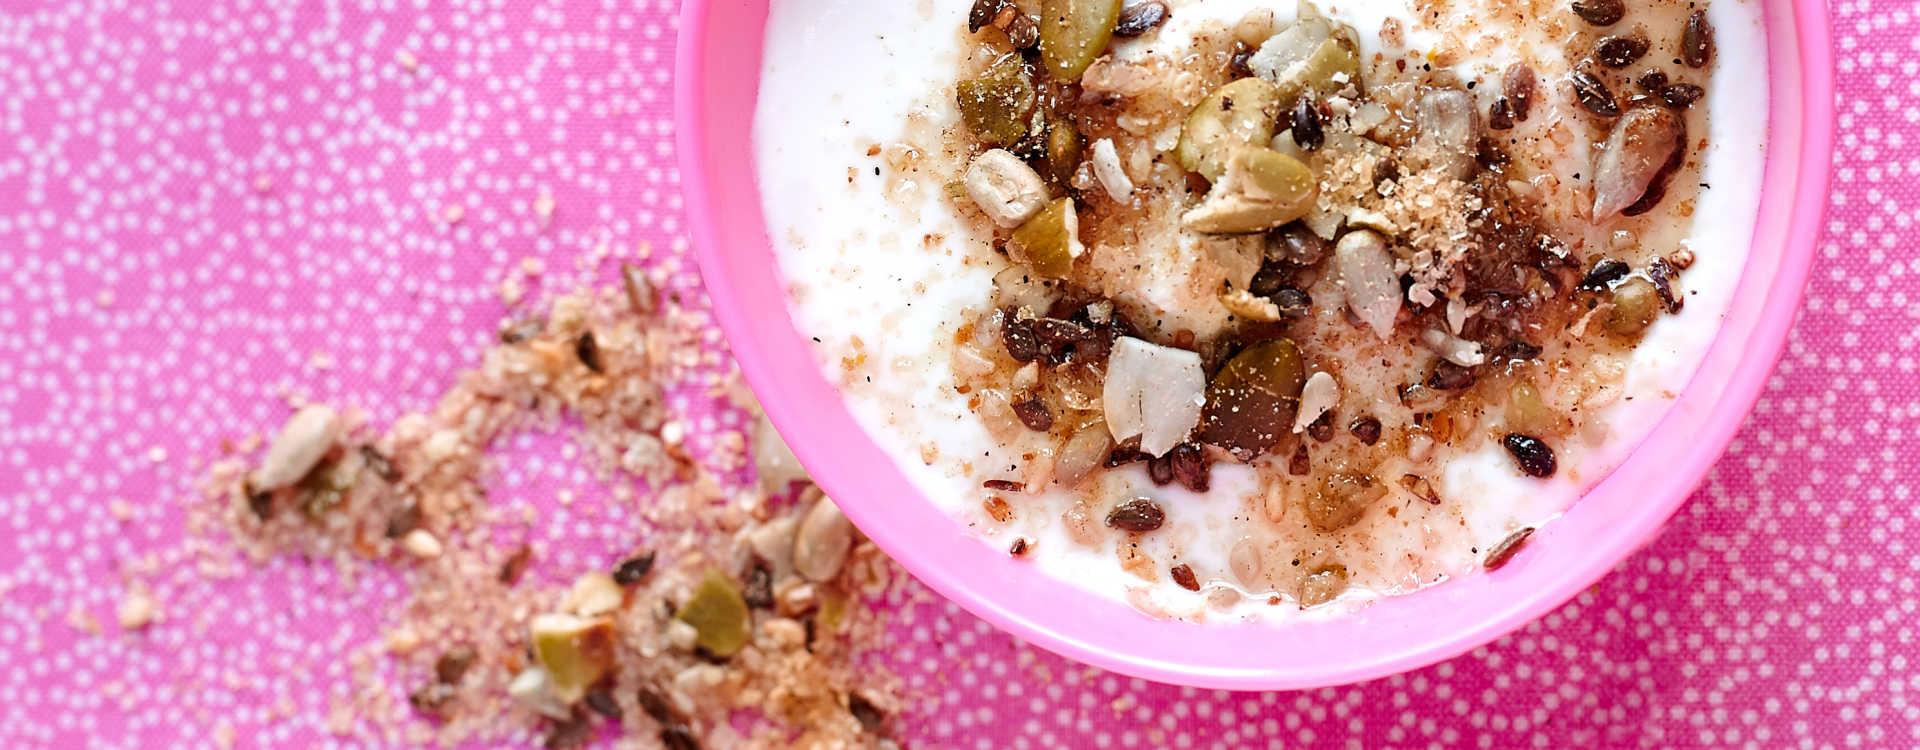 Krydret Dukkha med surmelk eller yoghurt